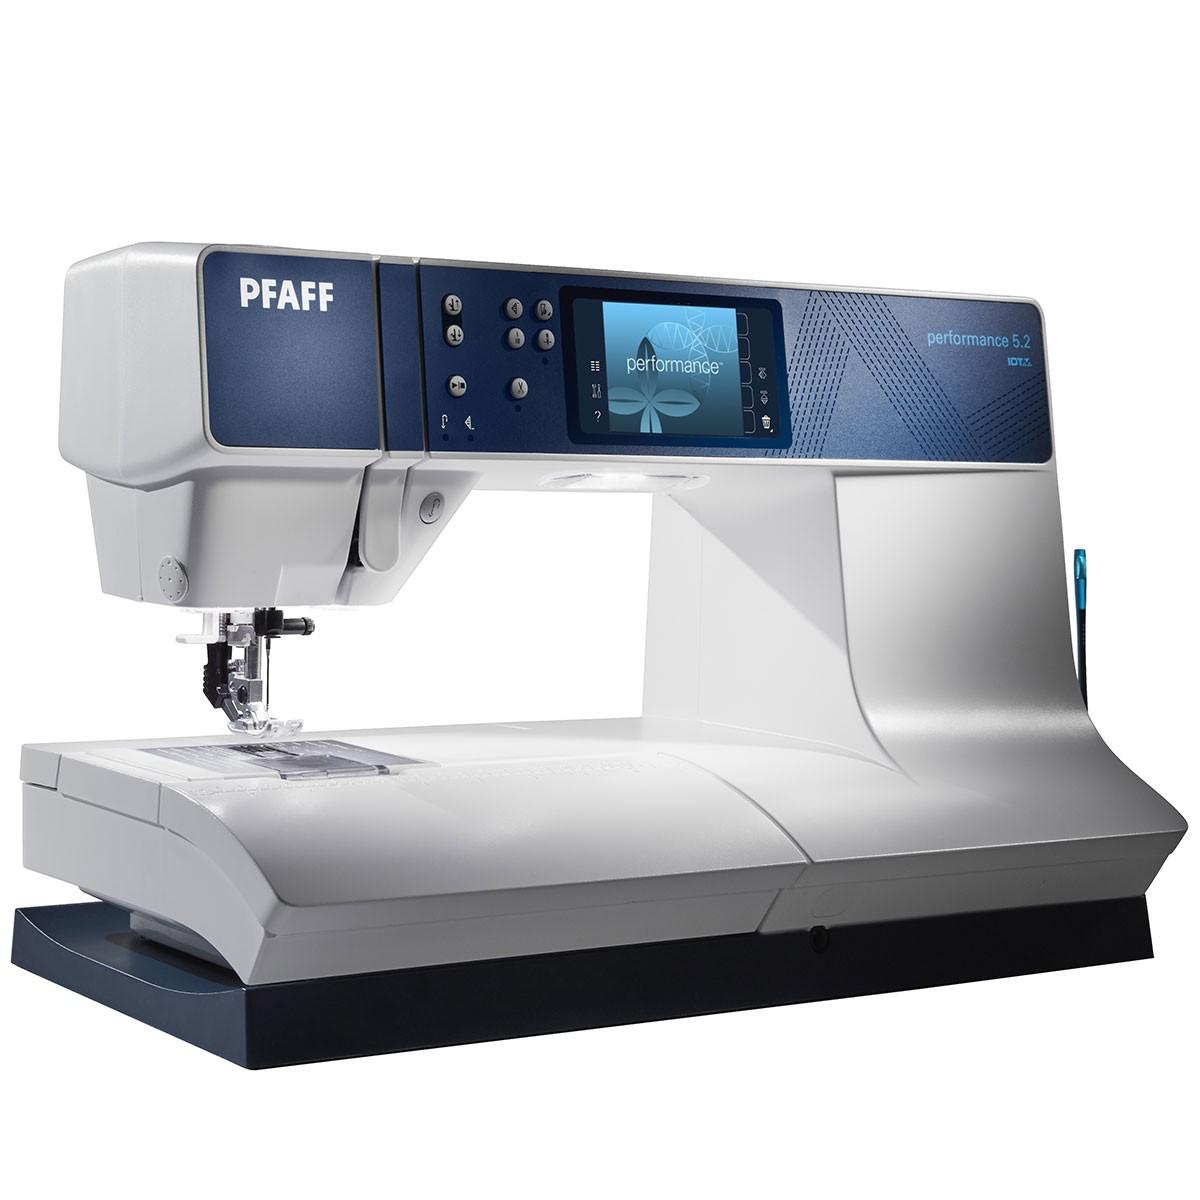 PFAFF performance 5.2PFAFF<br>Электронная швейная машина PFAFF Performance 5.2  - новая машинка в серии Performance. Самая совершенная из швейных машин. Performance 5.2 может похвастаться следующими характеристиками: современный горизонтальный челнок, 12 видов петель в автоматическом ...<br>